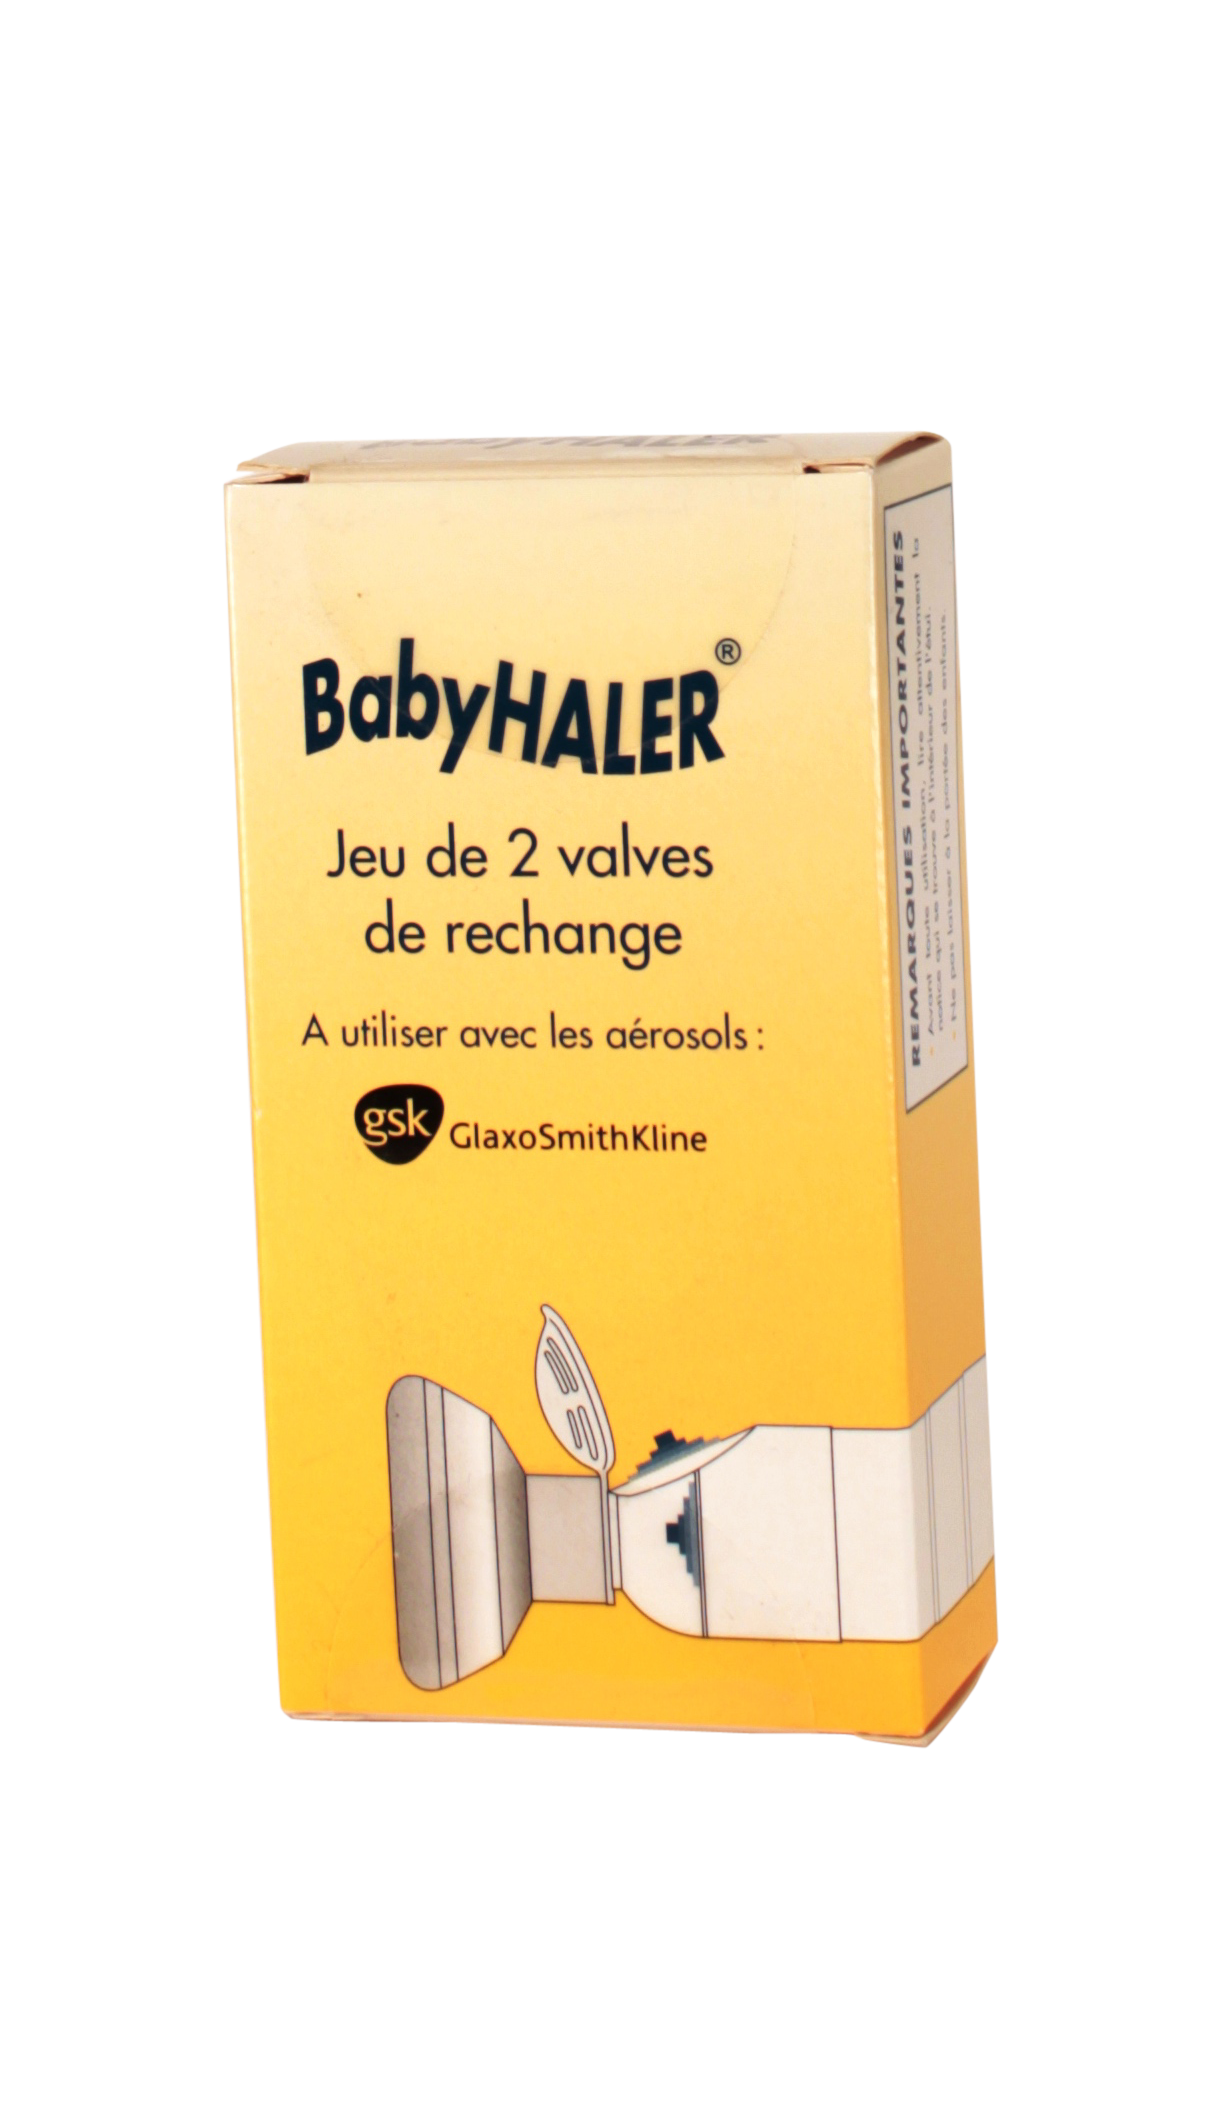 prix babyhaler